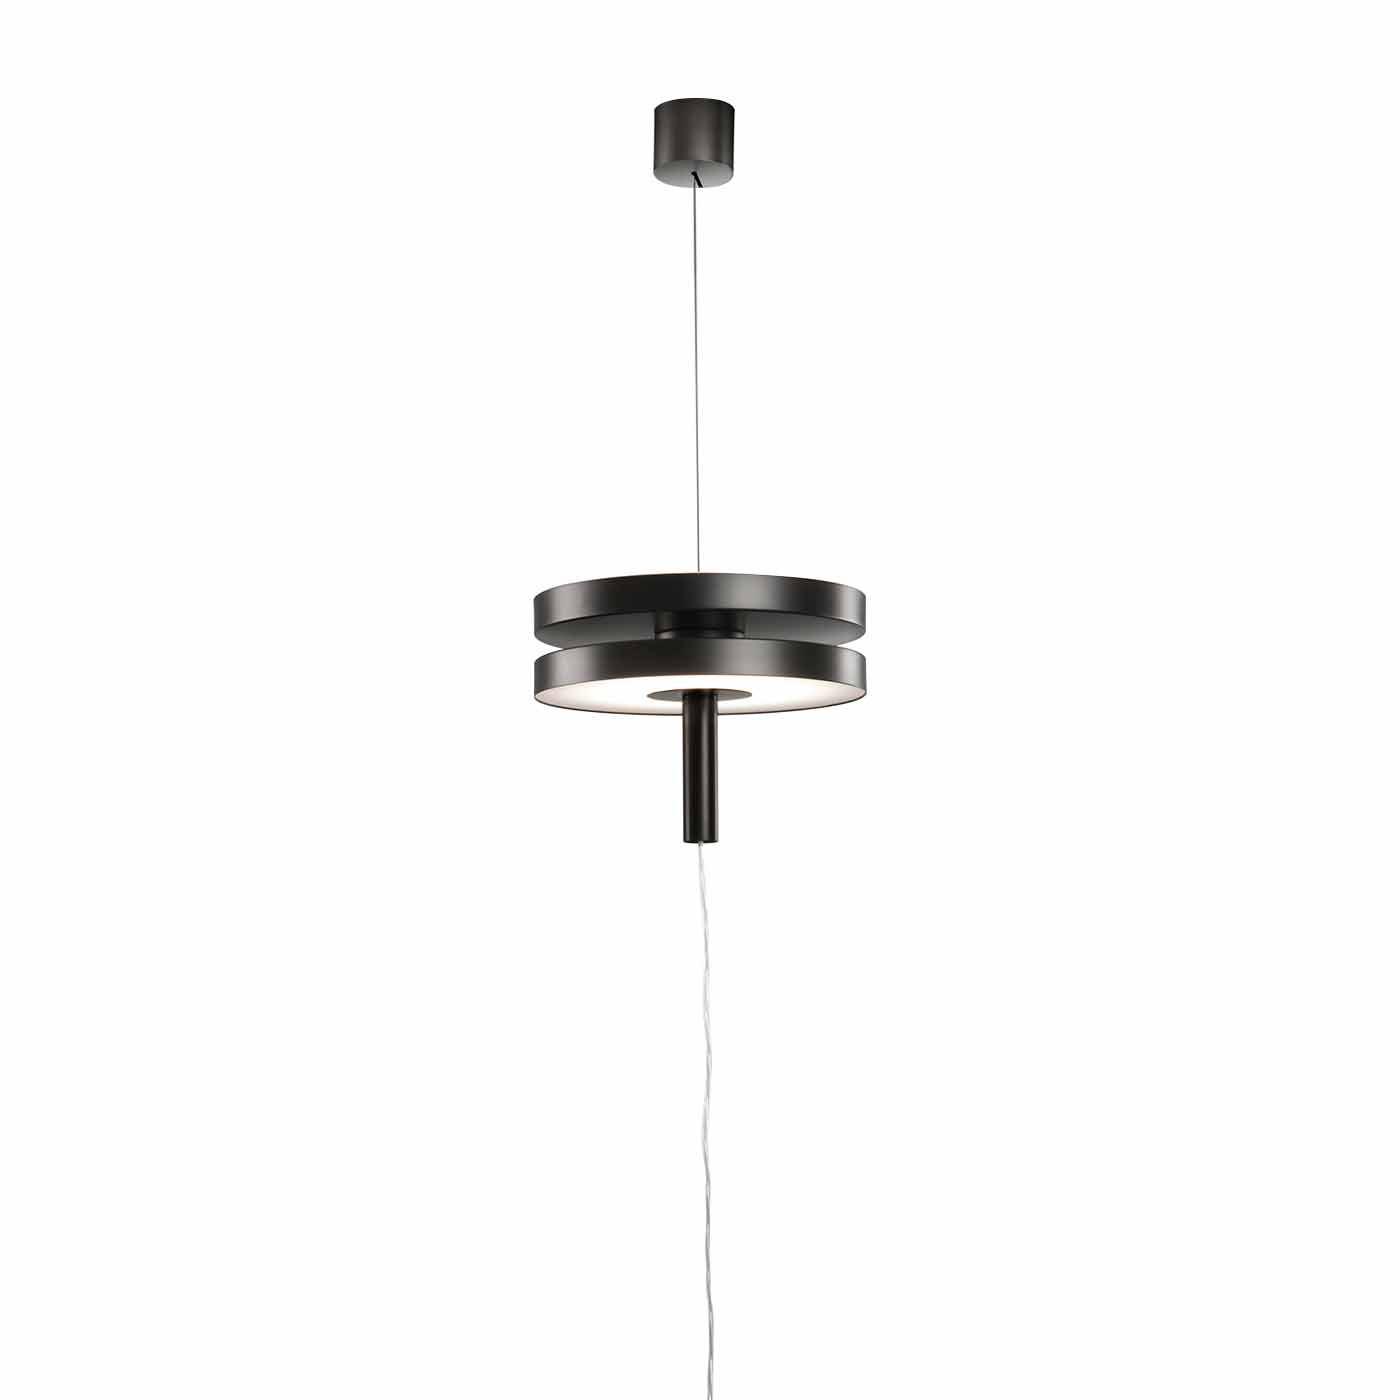 Prandina LED Machine S30 Dimm